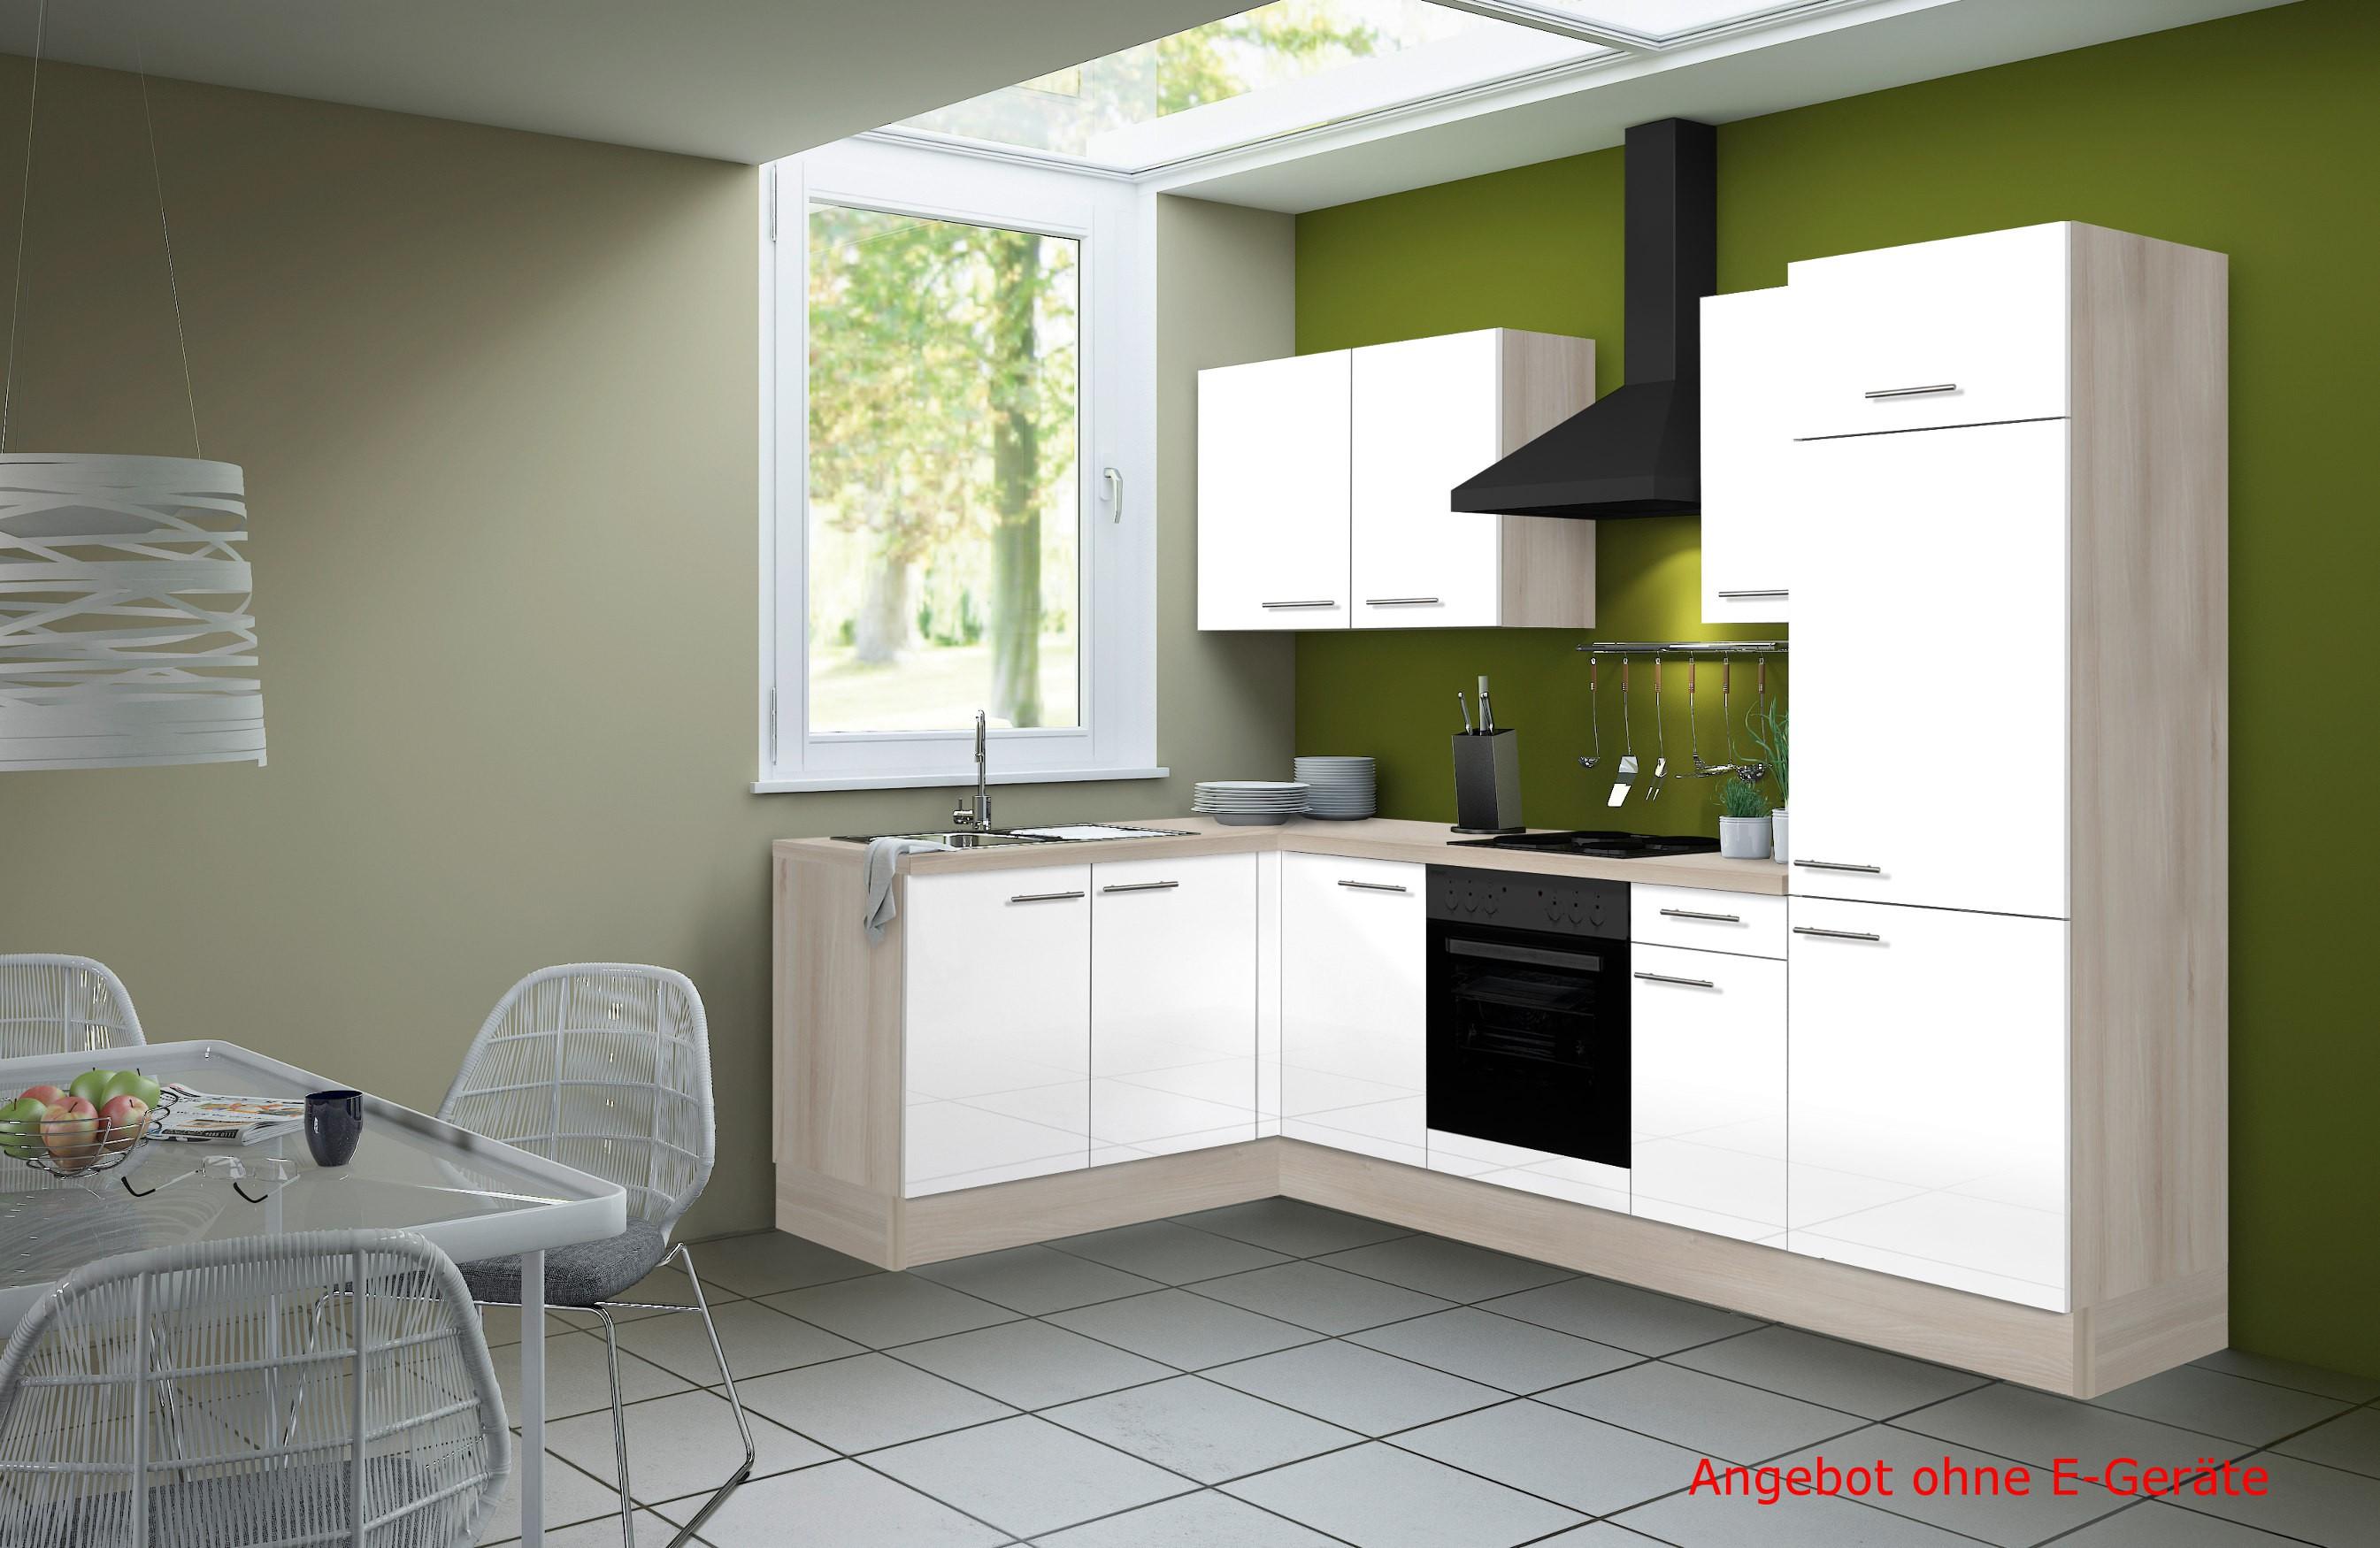 Eckküche LEON - Vario 1 - L-Küche ohne E-Geräte - Breite 270 x 165 cm - Weiß